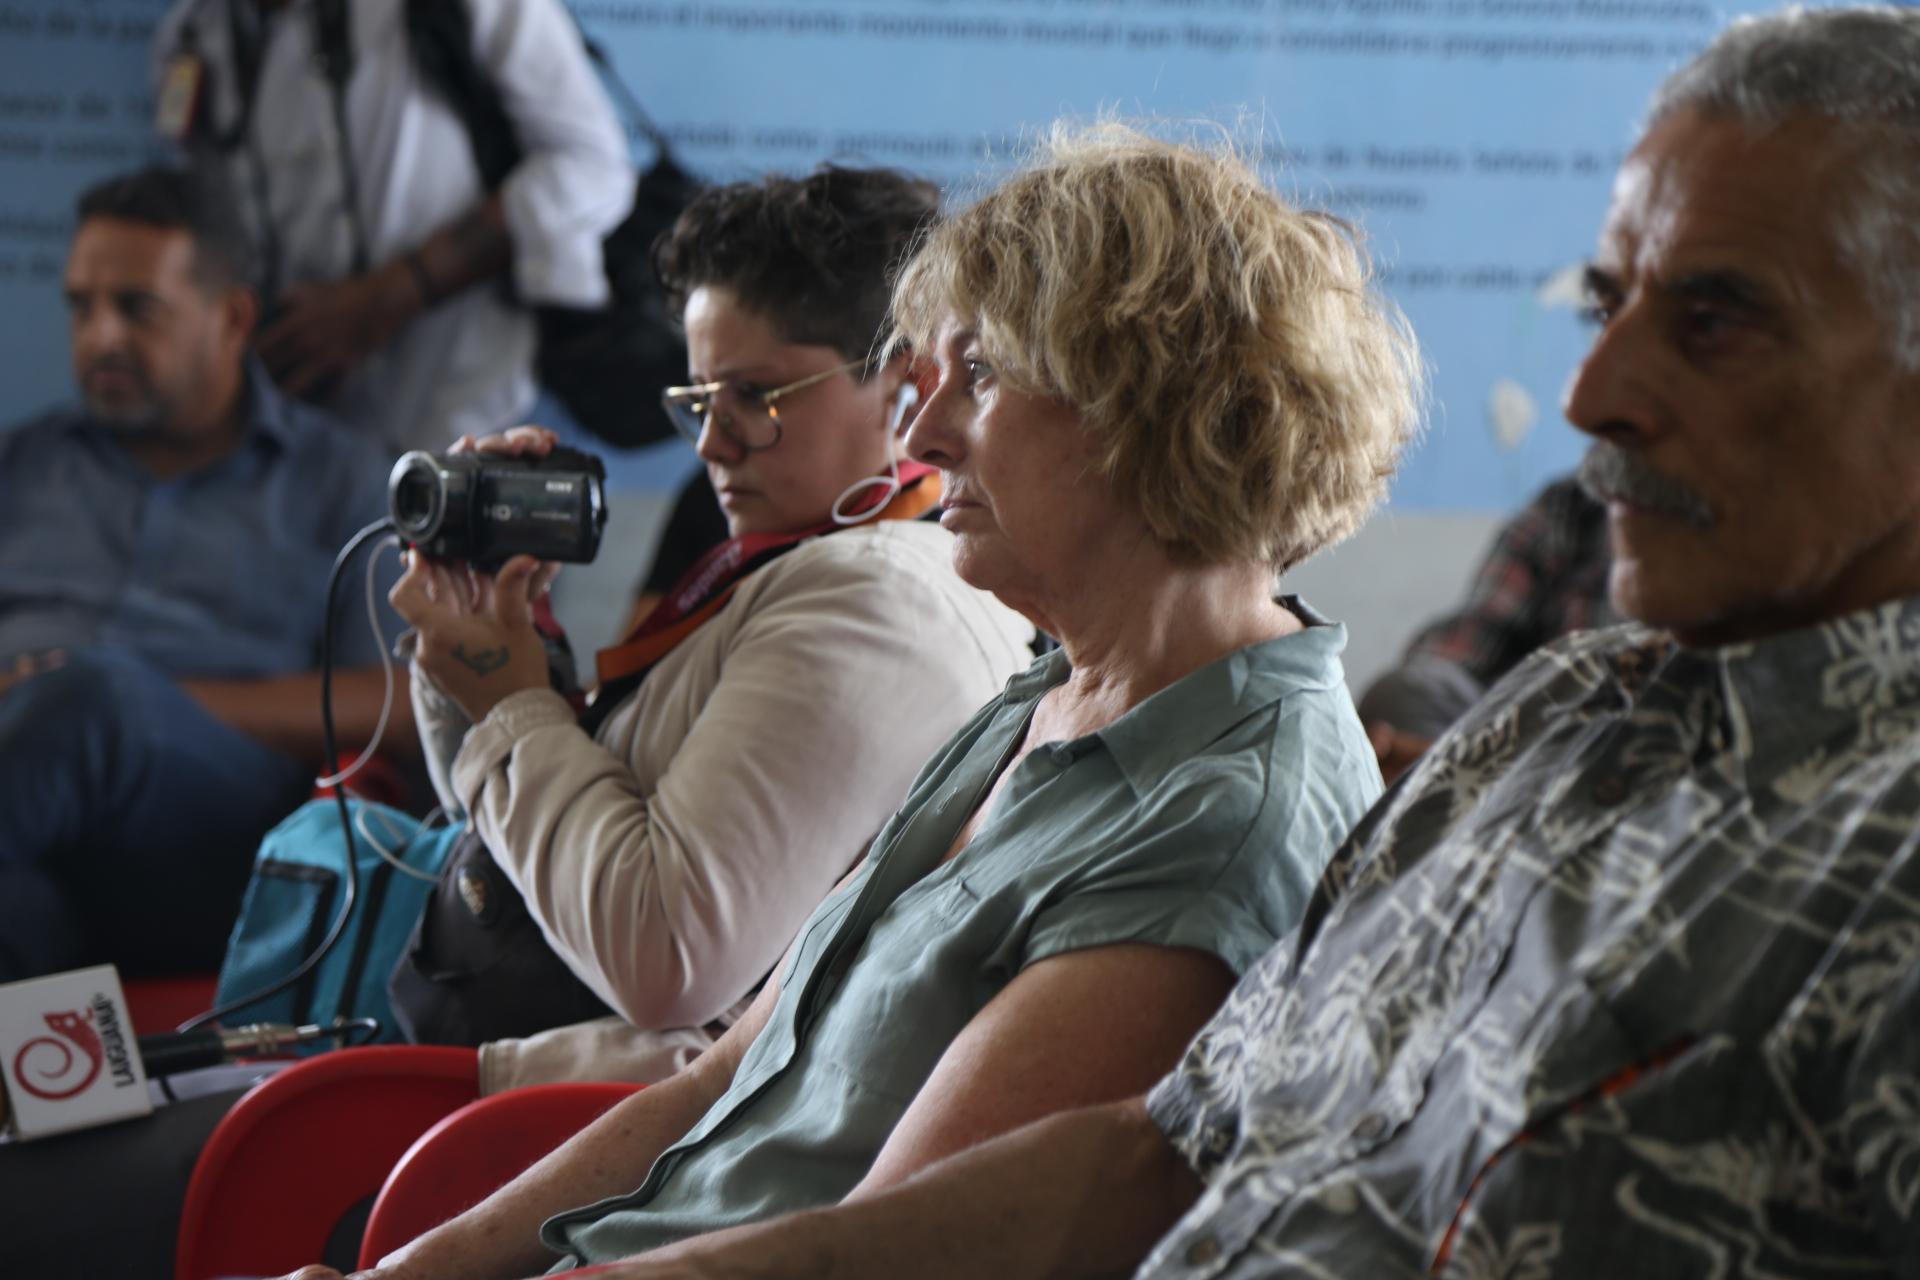 Delegación internacional reconoce esfuerzos venezolanos en soberanía alimentaria ante bloqueo estadounidense